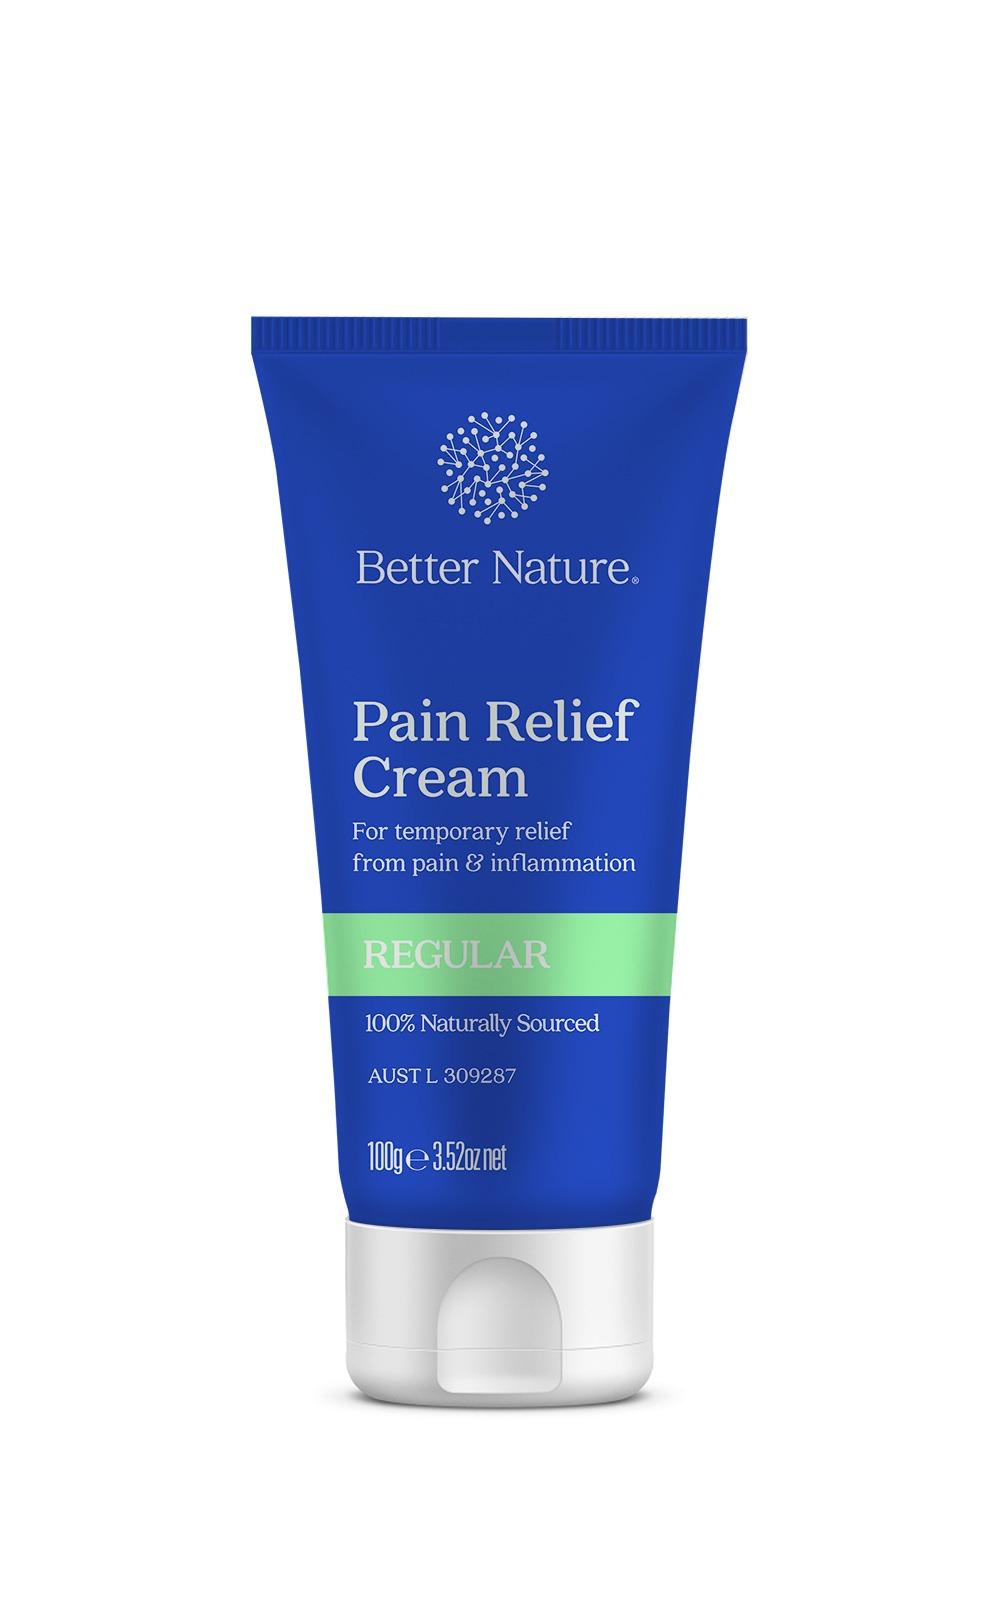 Better-Nature-Pain-Relief-Cream-100g-2.jpg